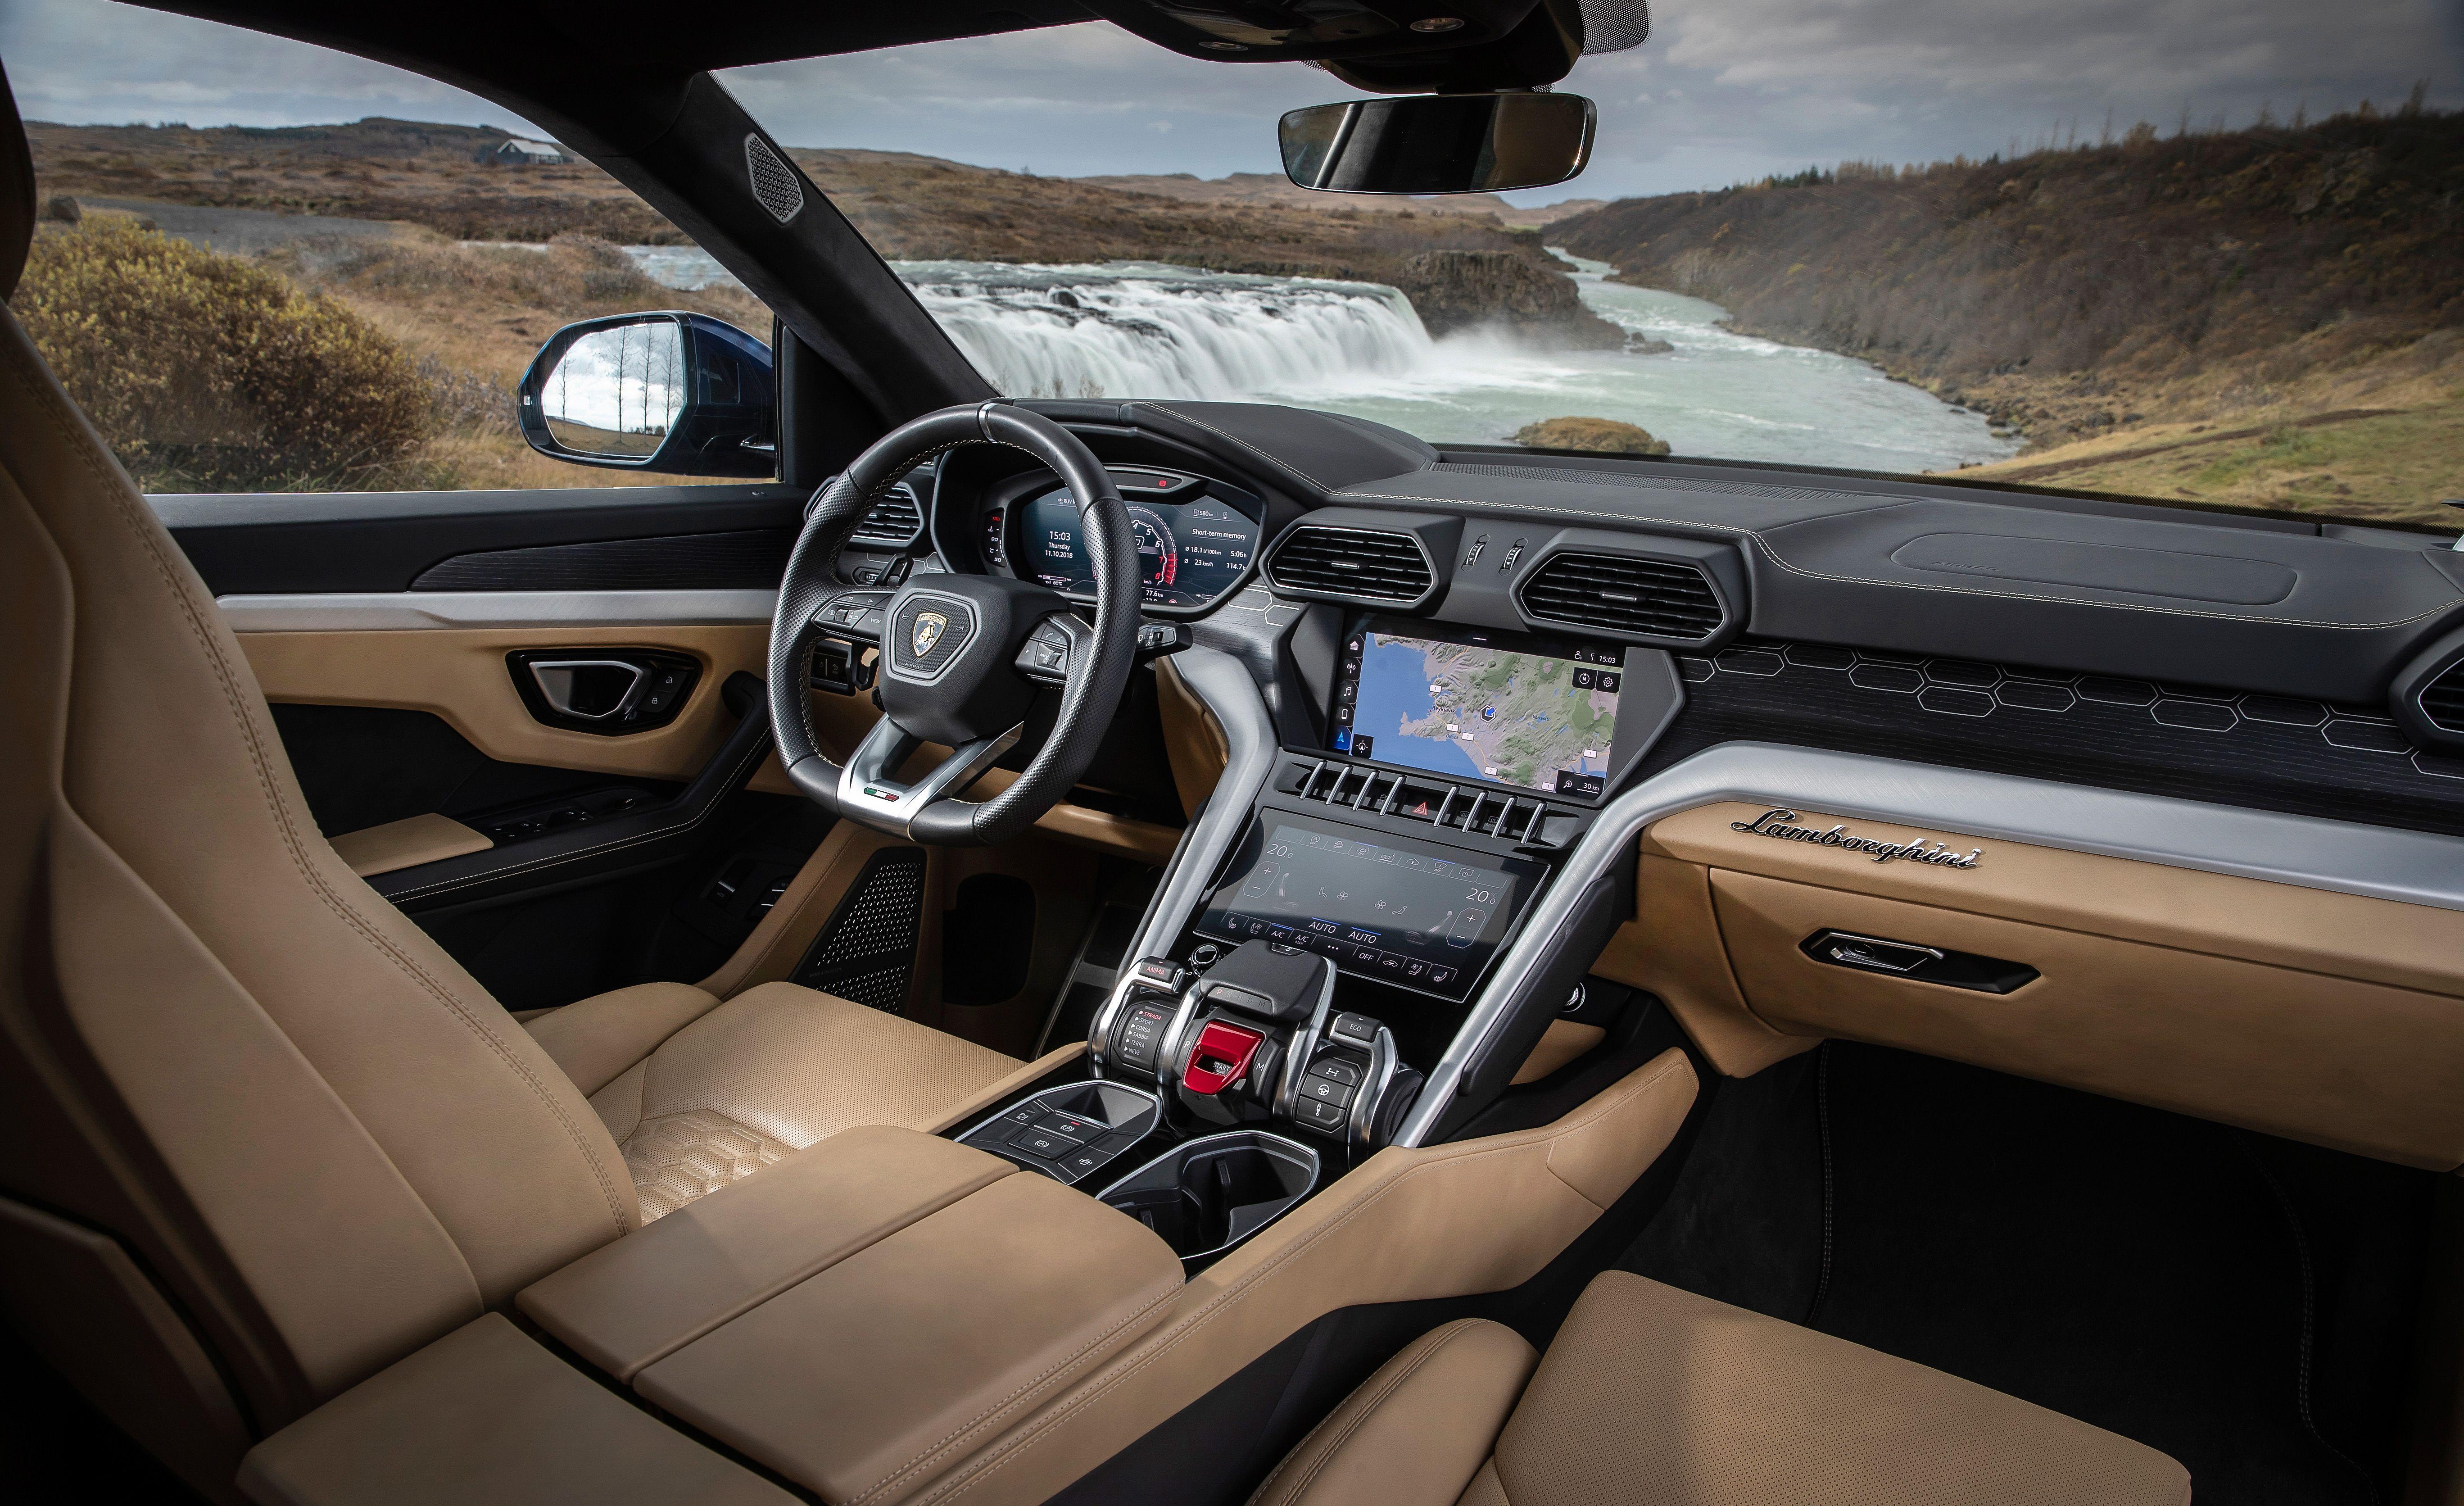 2019 Lamborghini Urus Reviews Lamborghini Urus Price Photos And